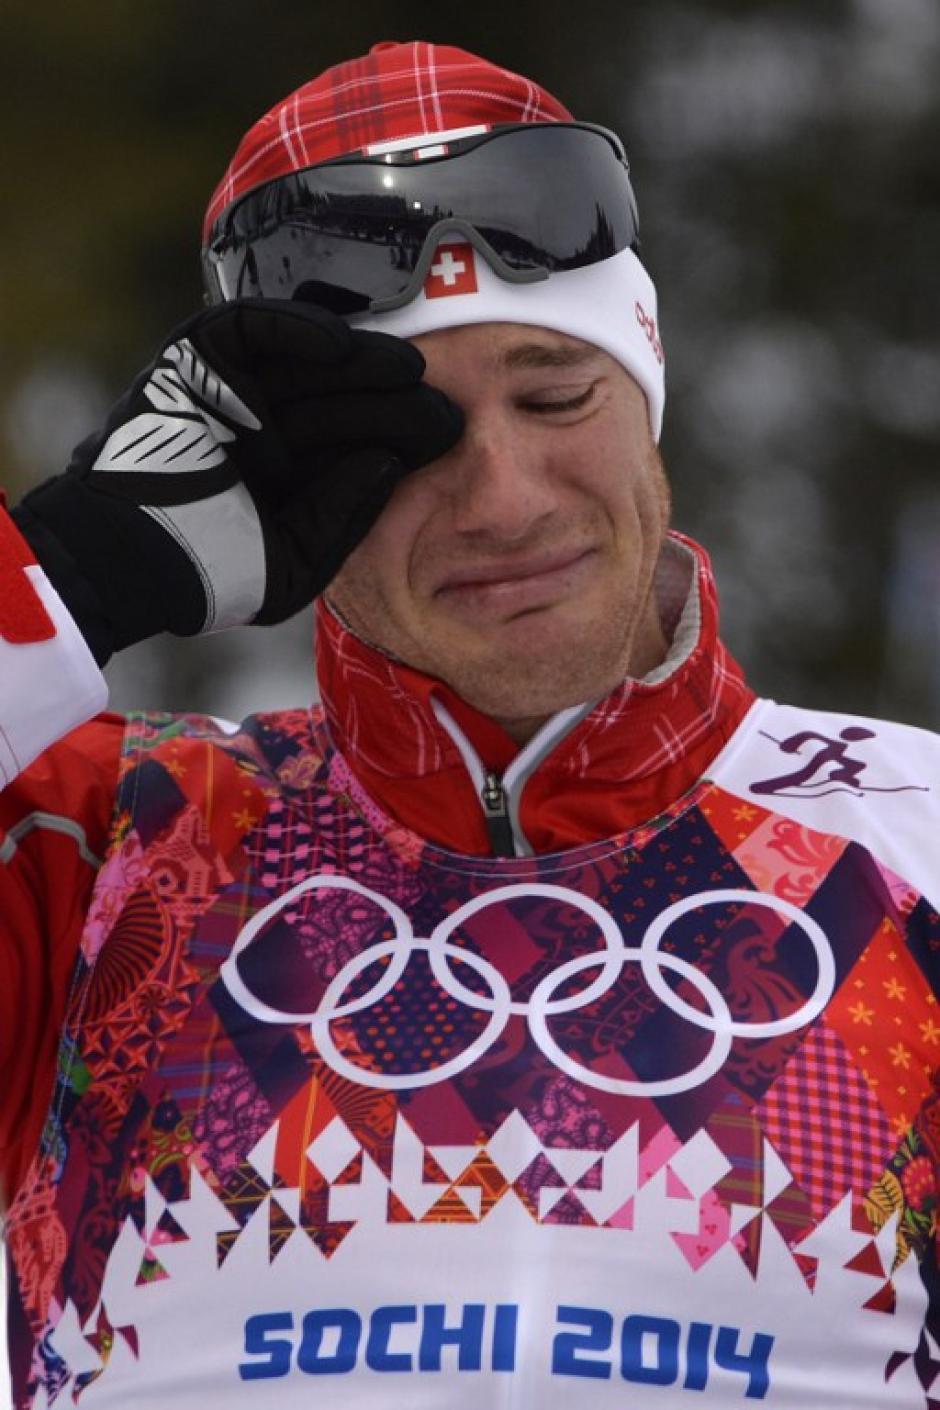 El suizo Dario Cologna derrama lágrimas, tras ganar el oro en la competencia de esquí cross-country. (Foto: Odd Andersen/AFP)